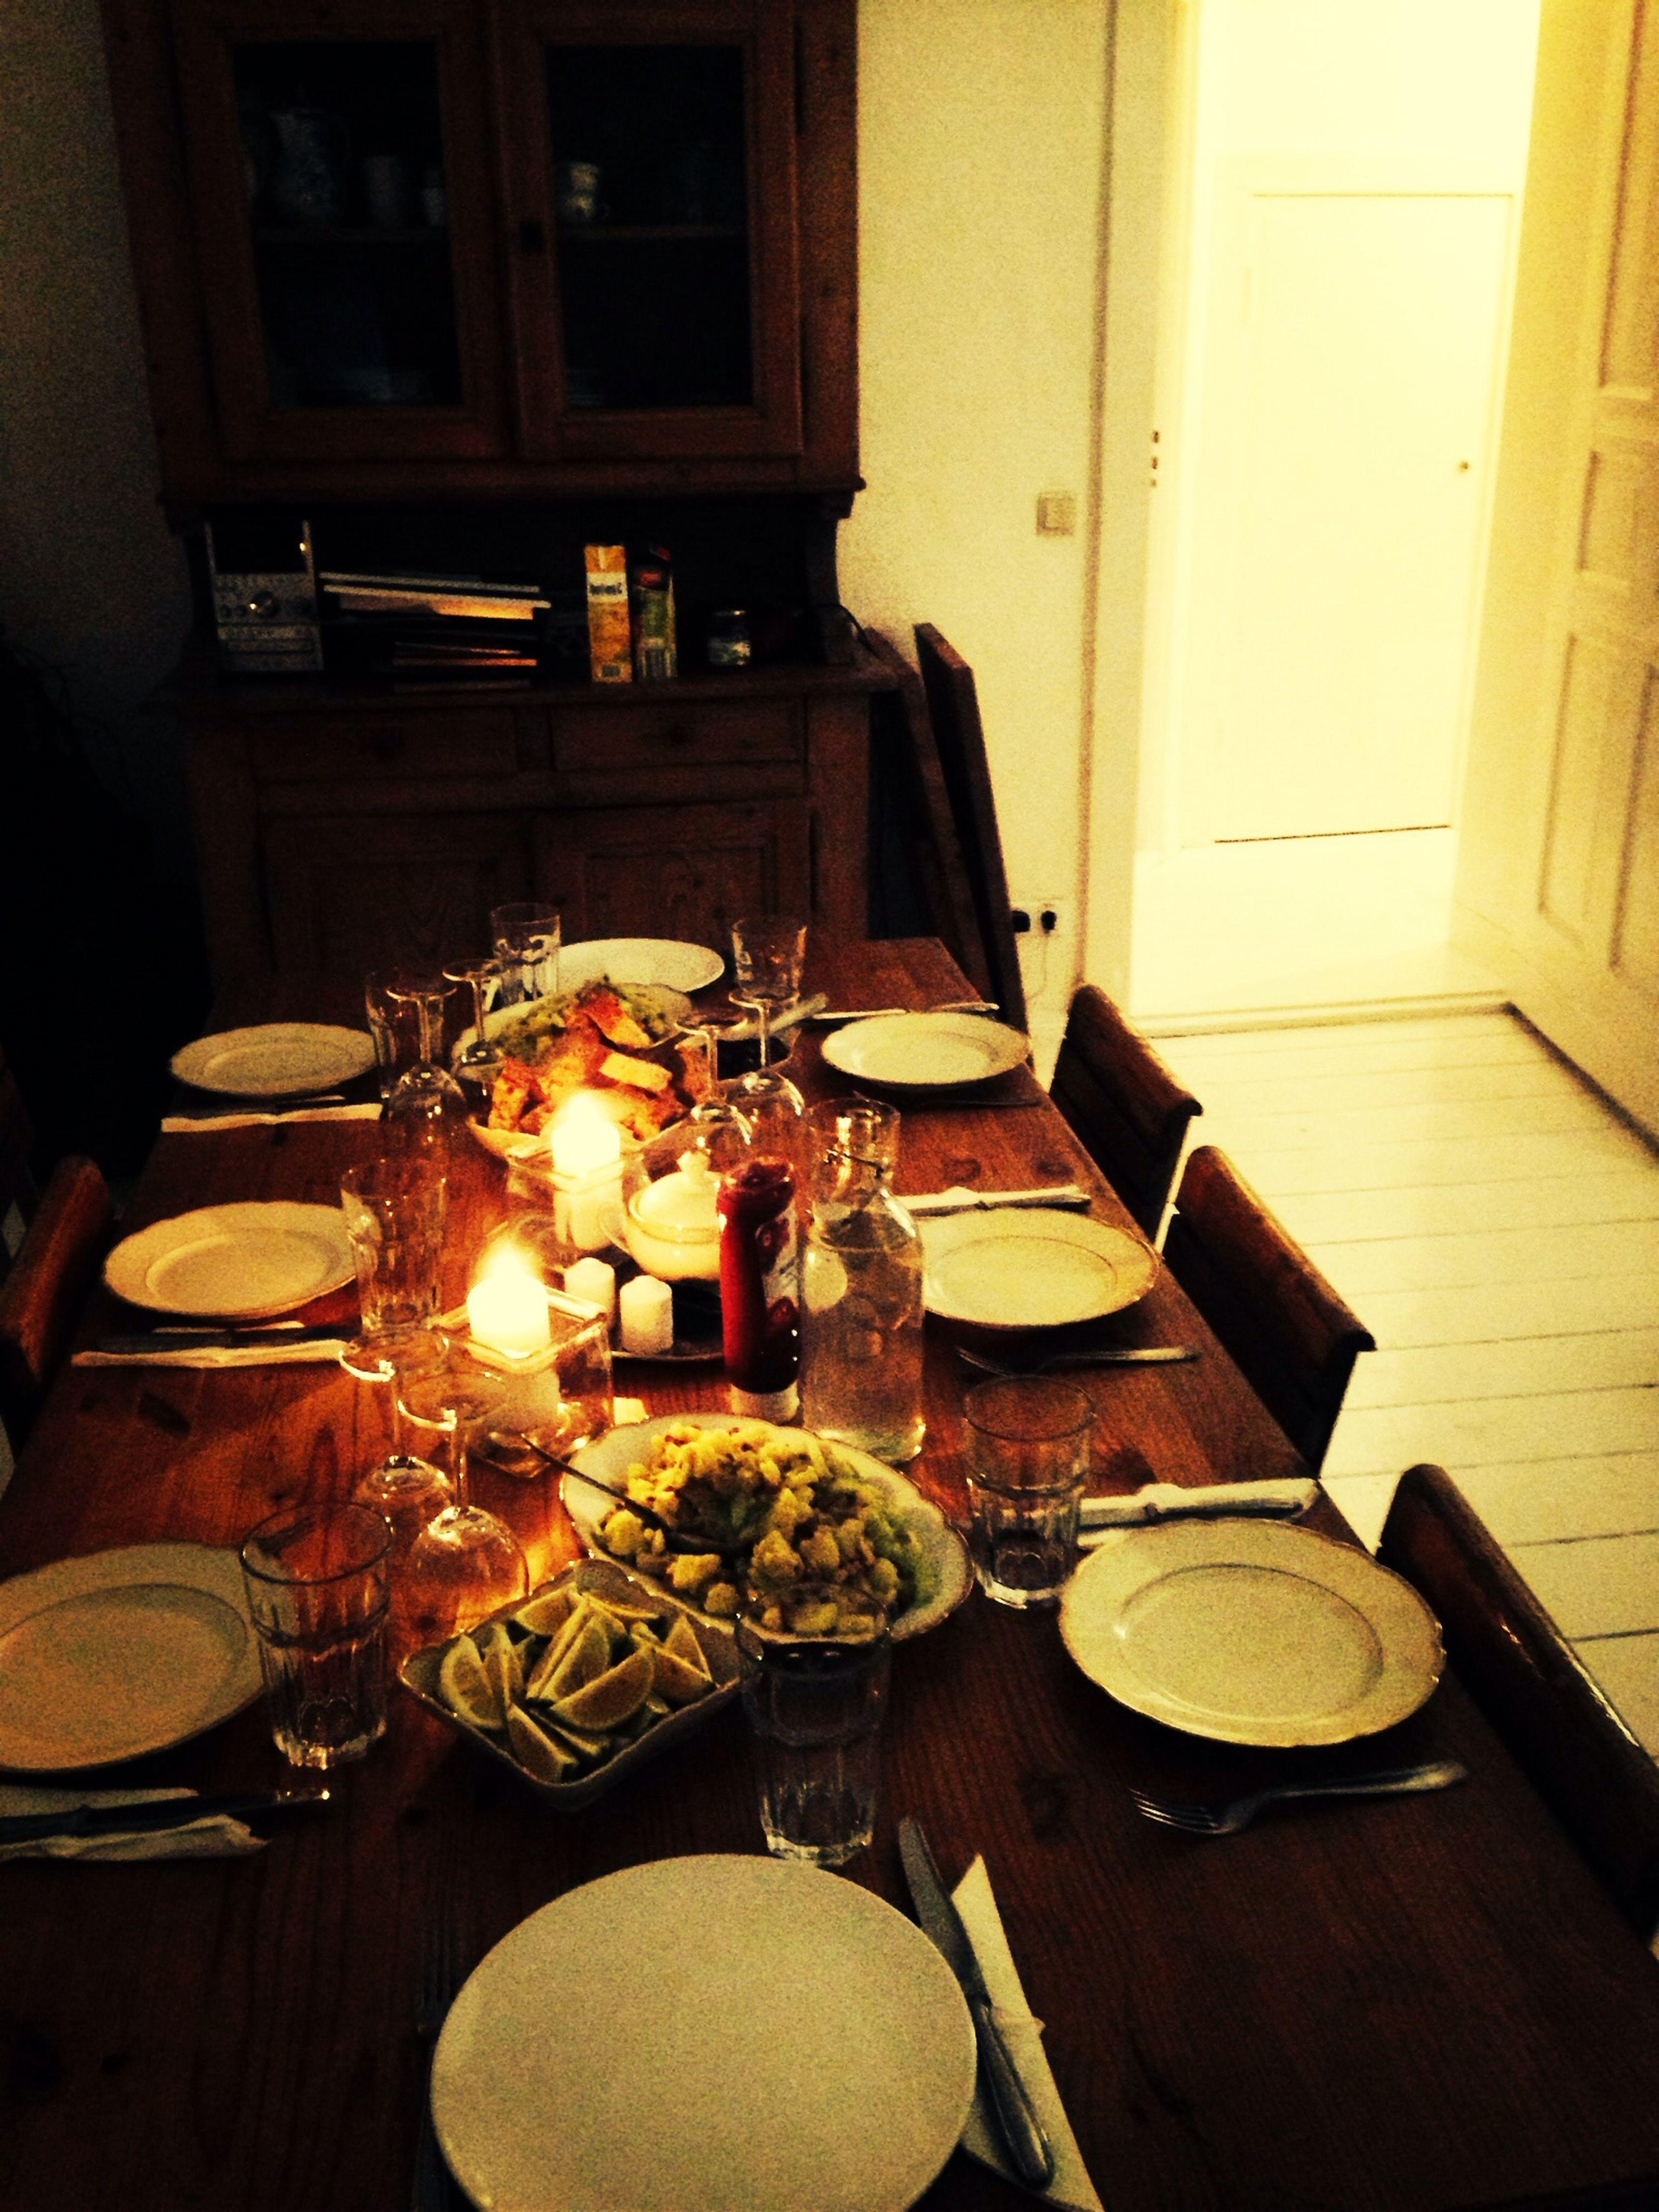 Dinner with friends. Schnitzelabend